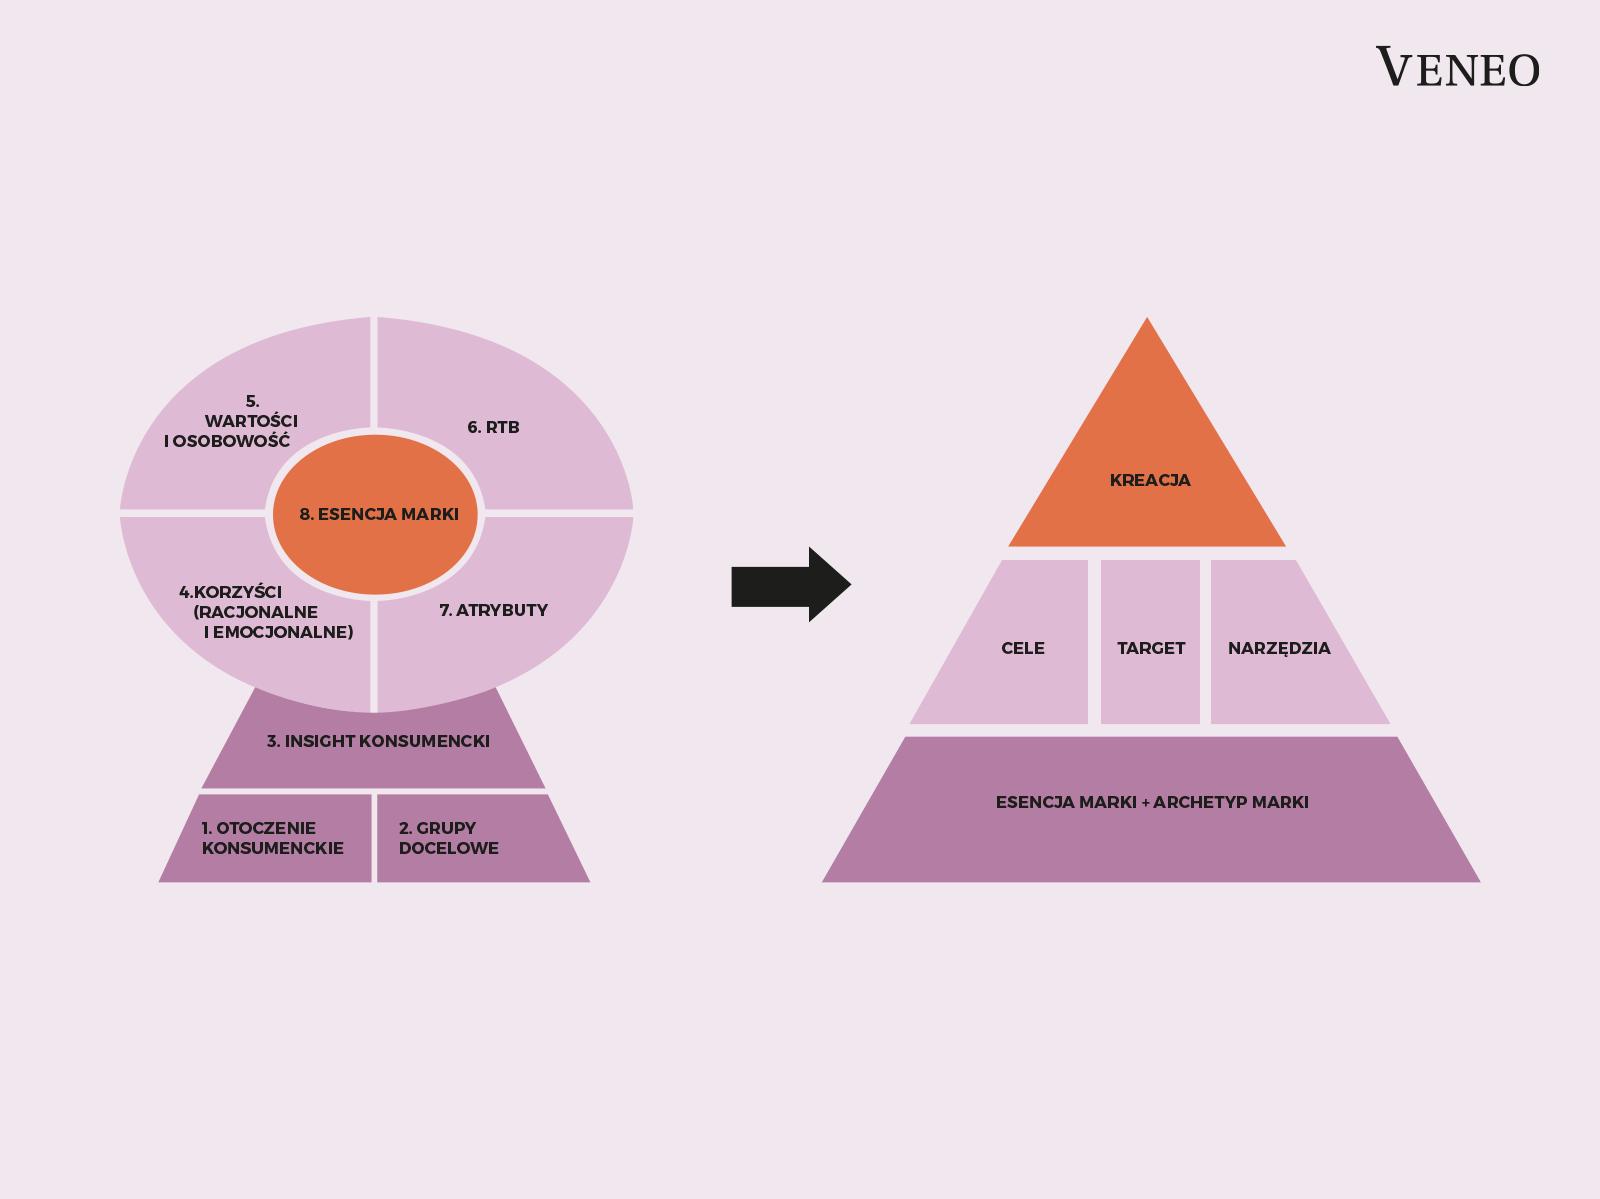 Schemat tworzenia strategii marki (Brand Key Model) i strategii komunikacji